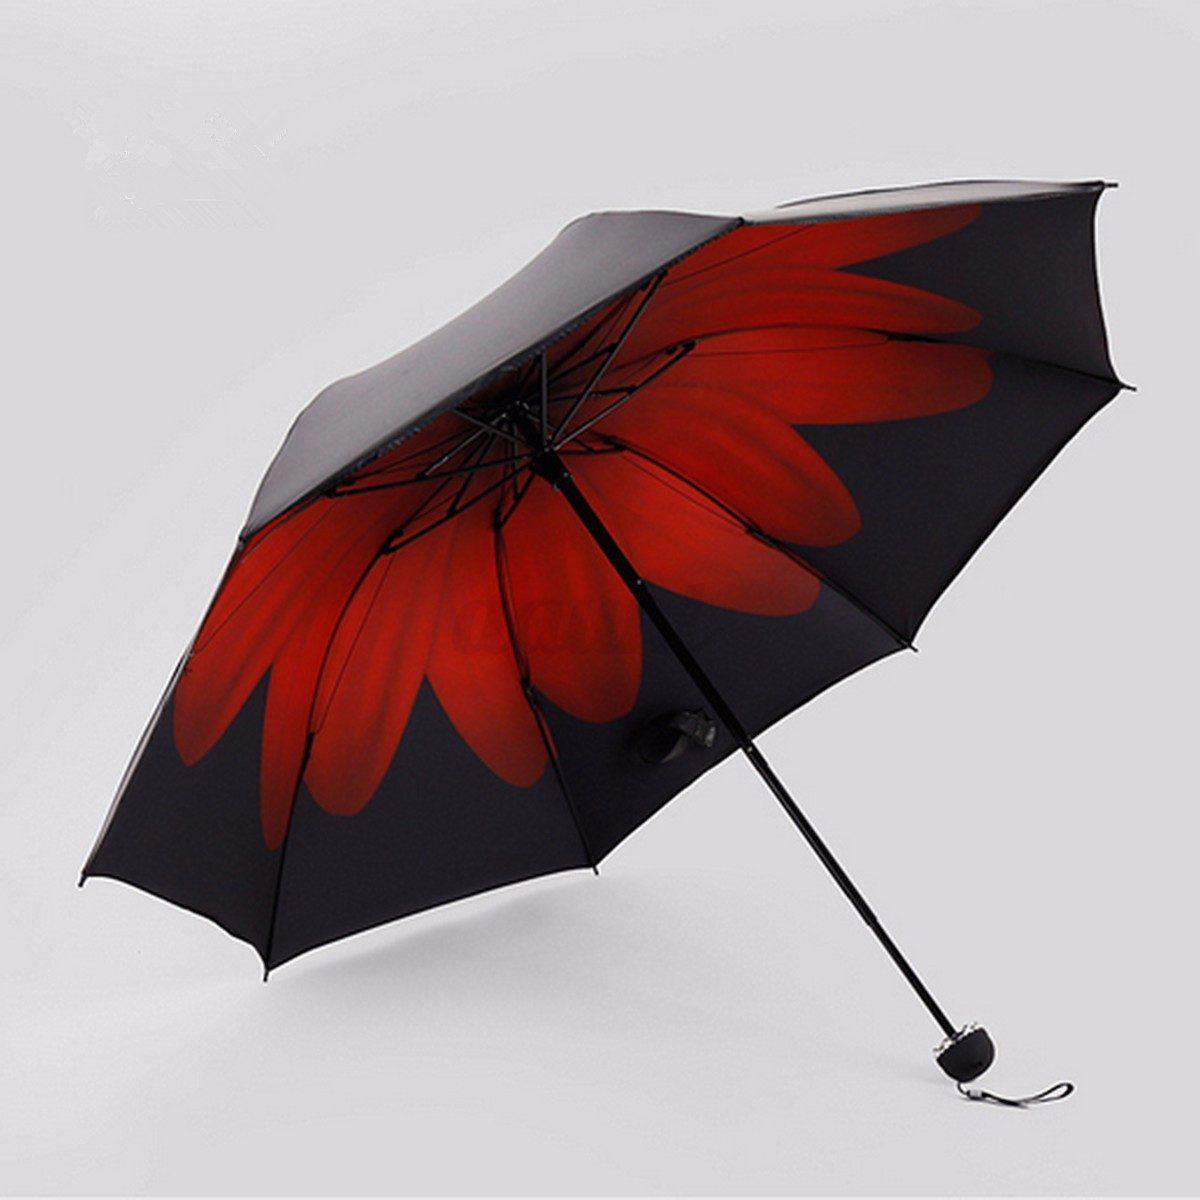 25% off Windproof Upside Down Reverse Umbrellas